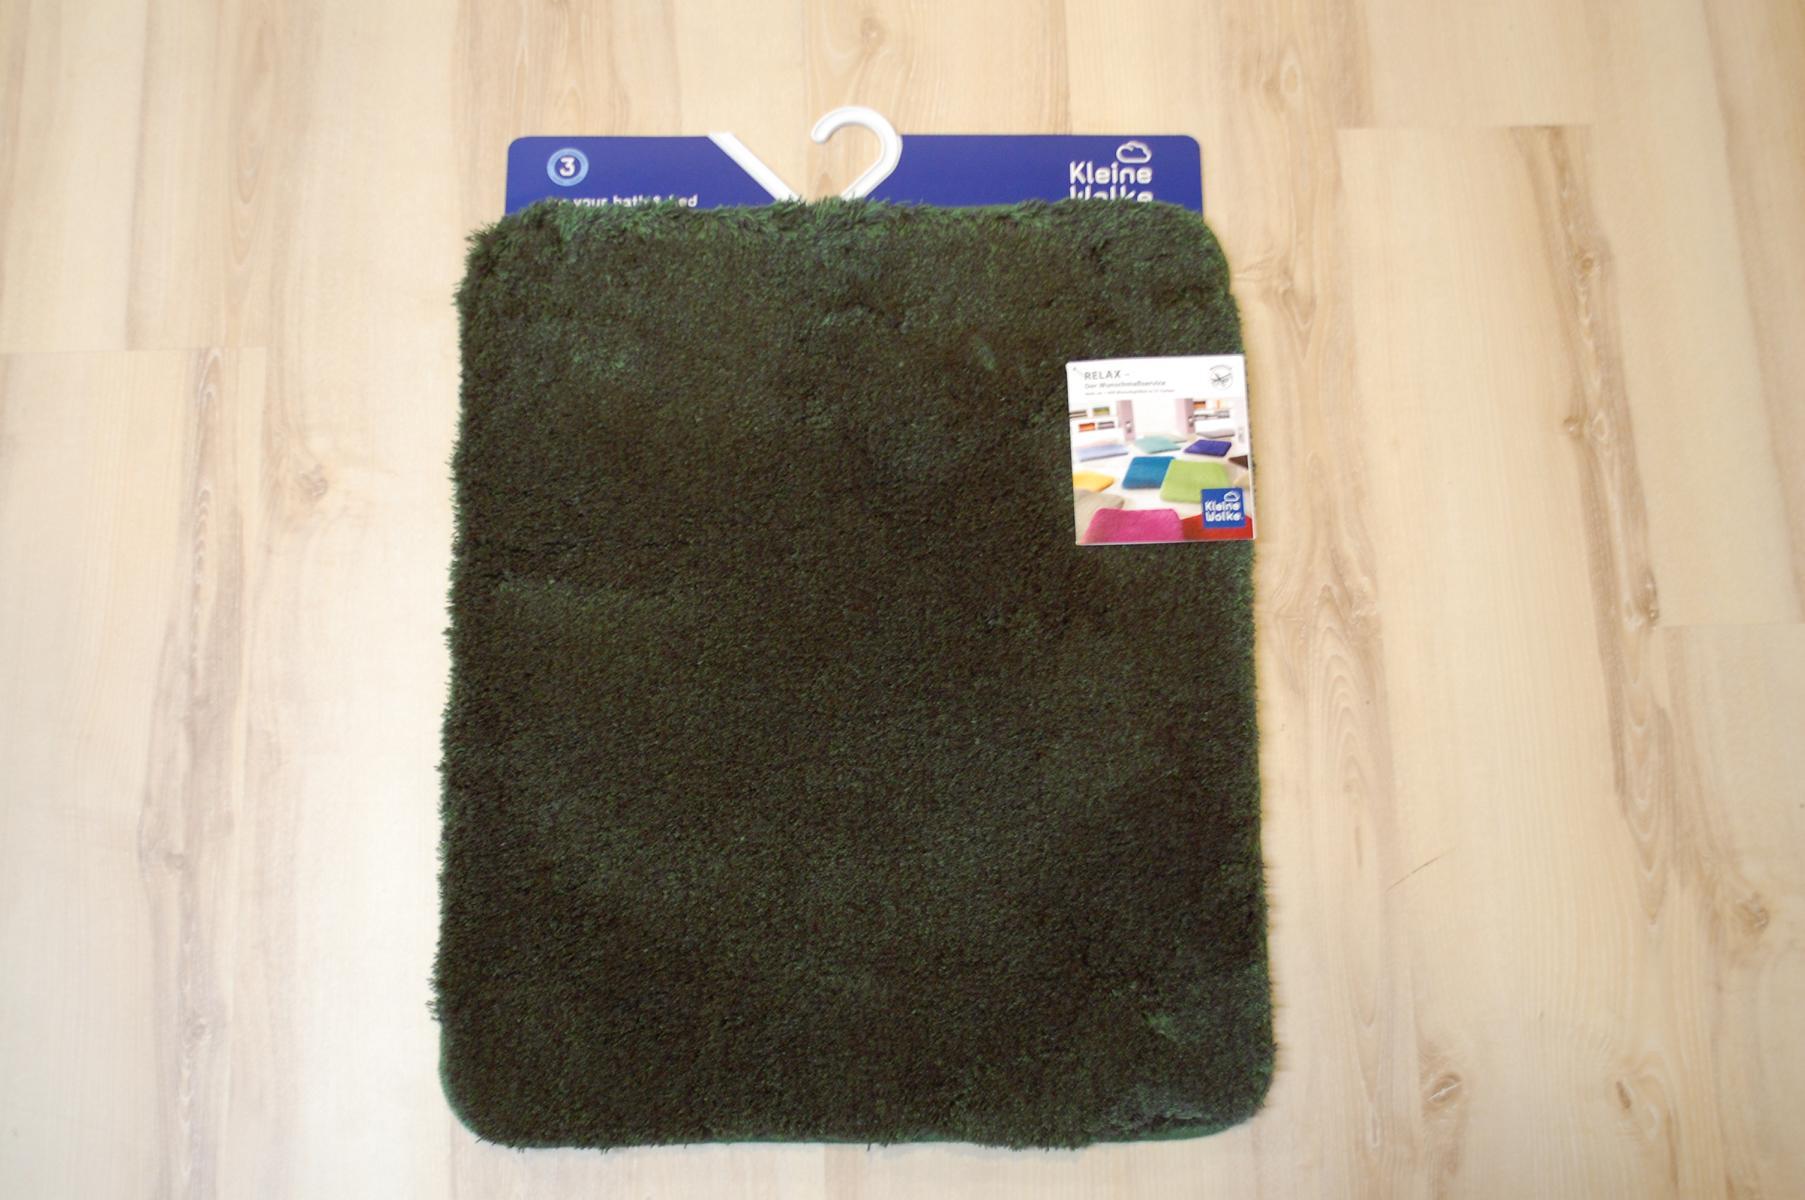 badteppich kleine wolke relax 657 tanne 55x65 cm gr n ebay. Black Bedroom Furniture Sets. Home Design Ideas